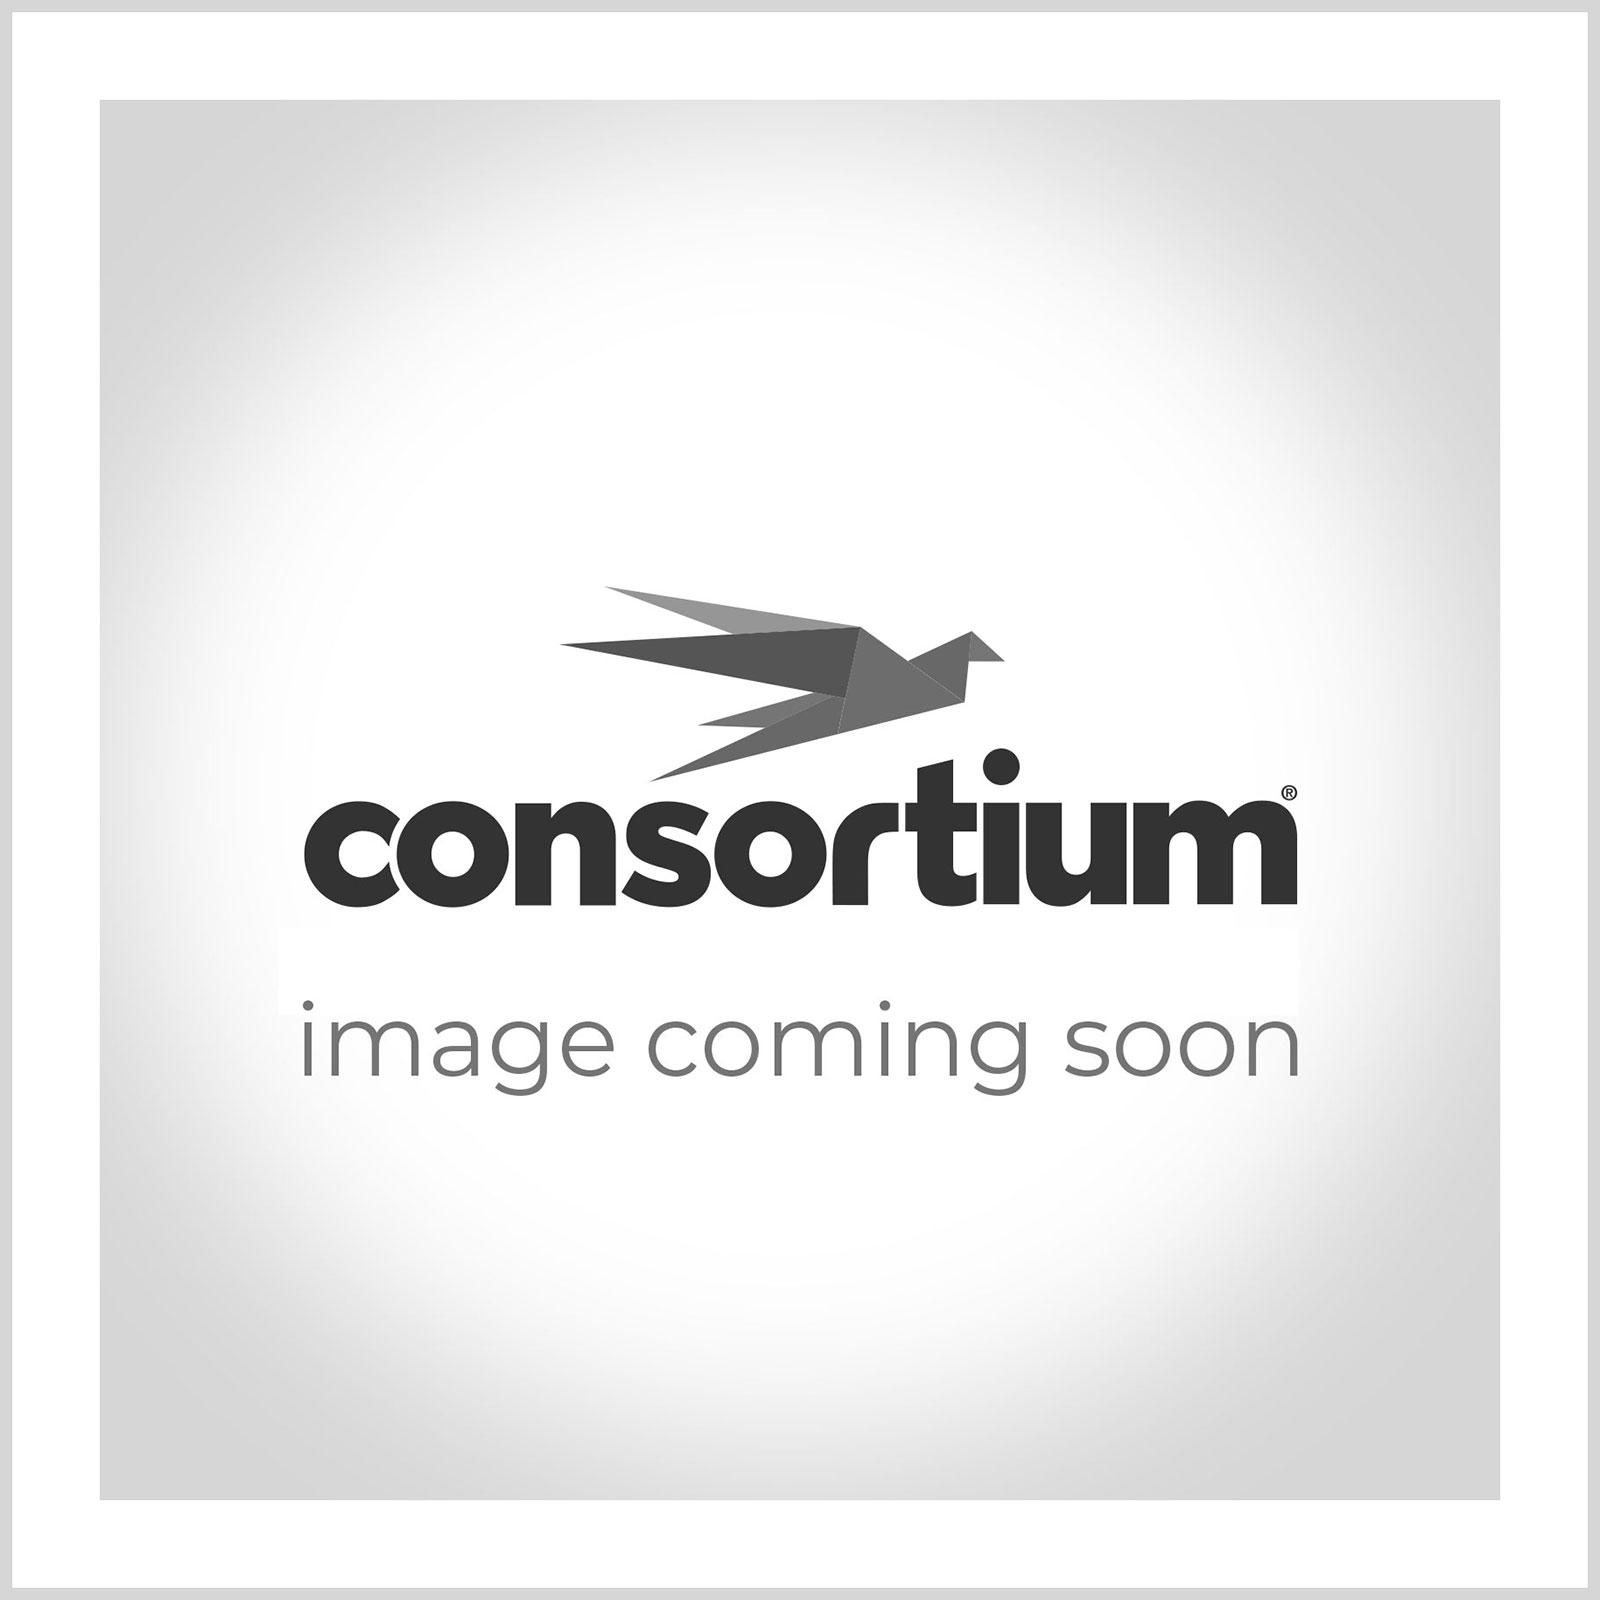 Indesit Ecotime DFG 15B1 Dishwasher - White